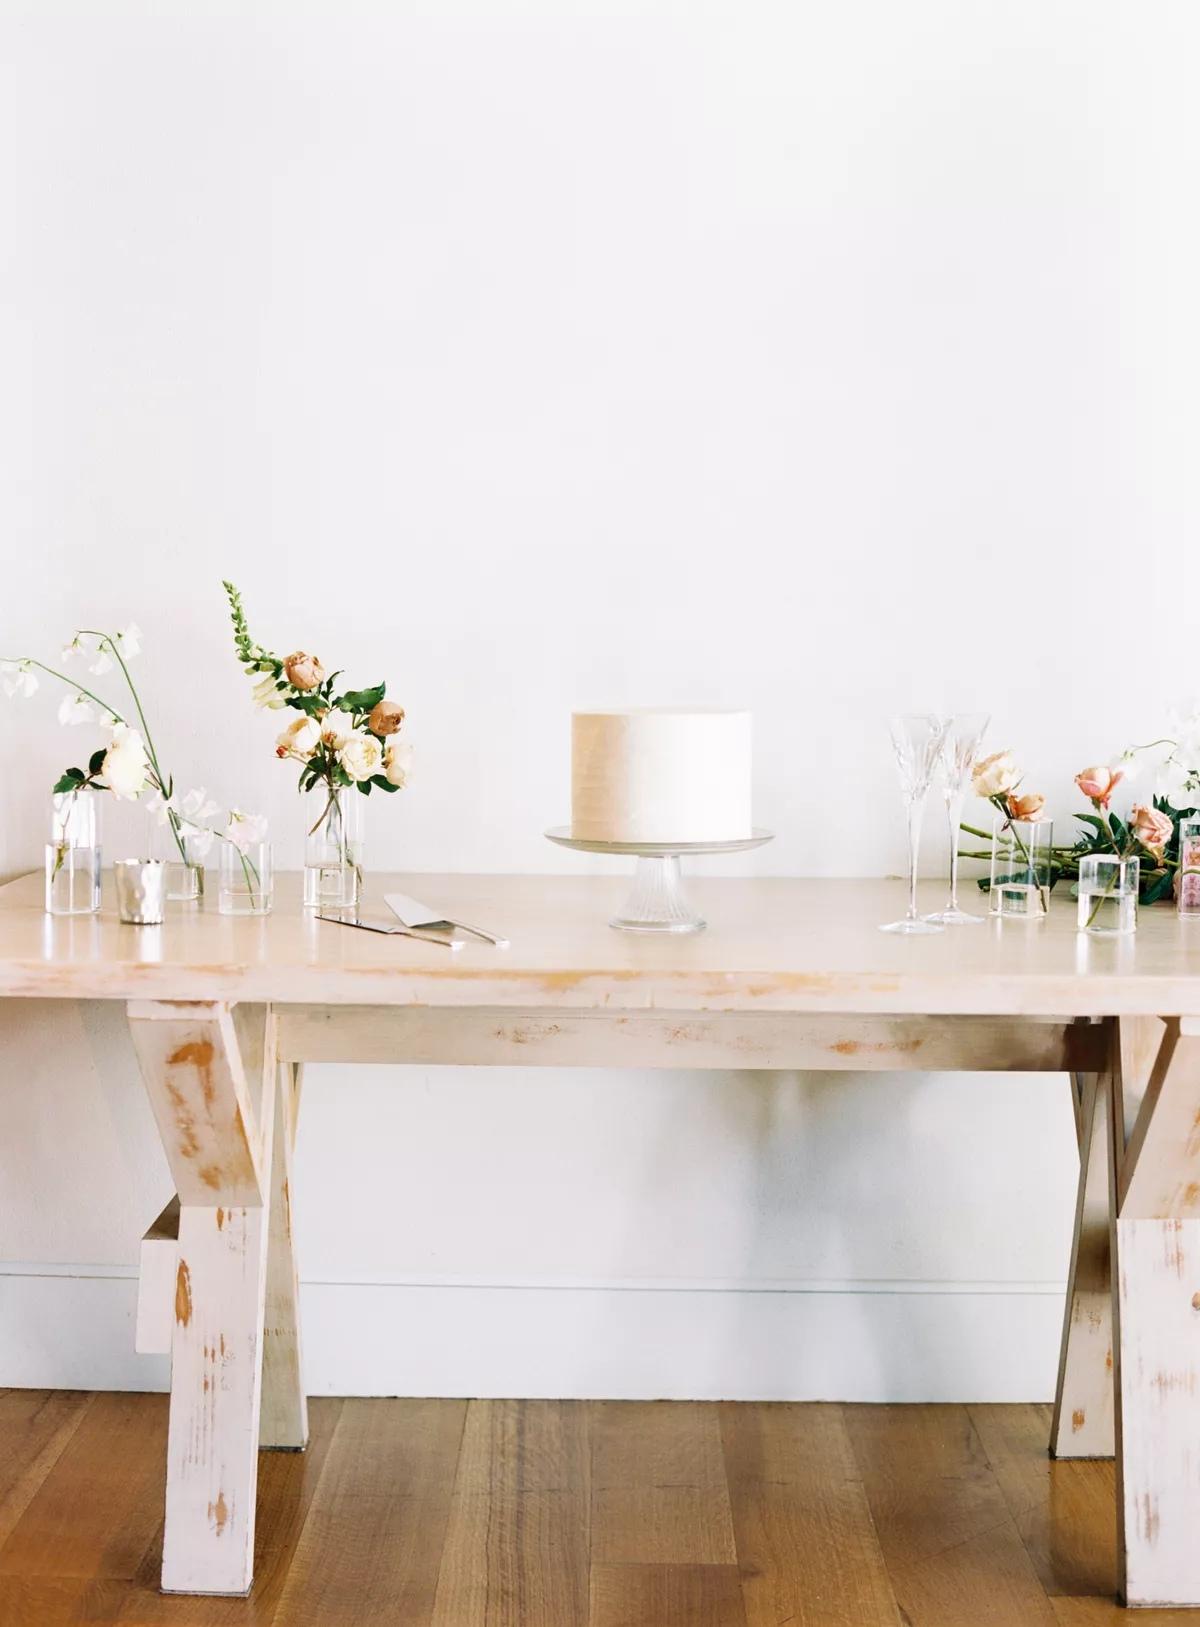 47kAbGS0y7Q - Маленькие свадебные торты